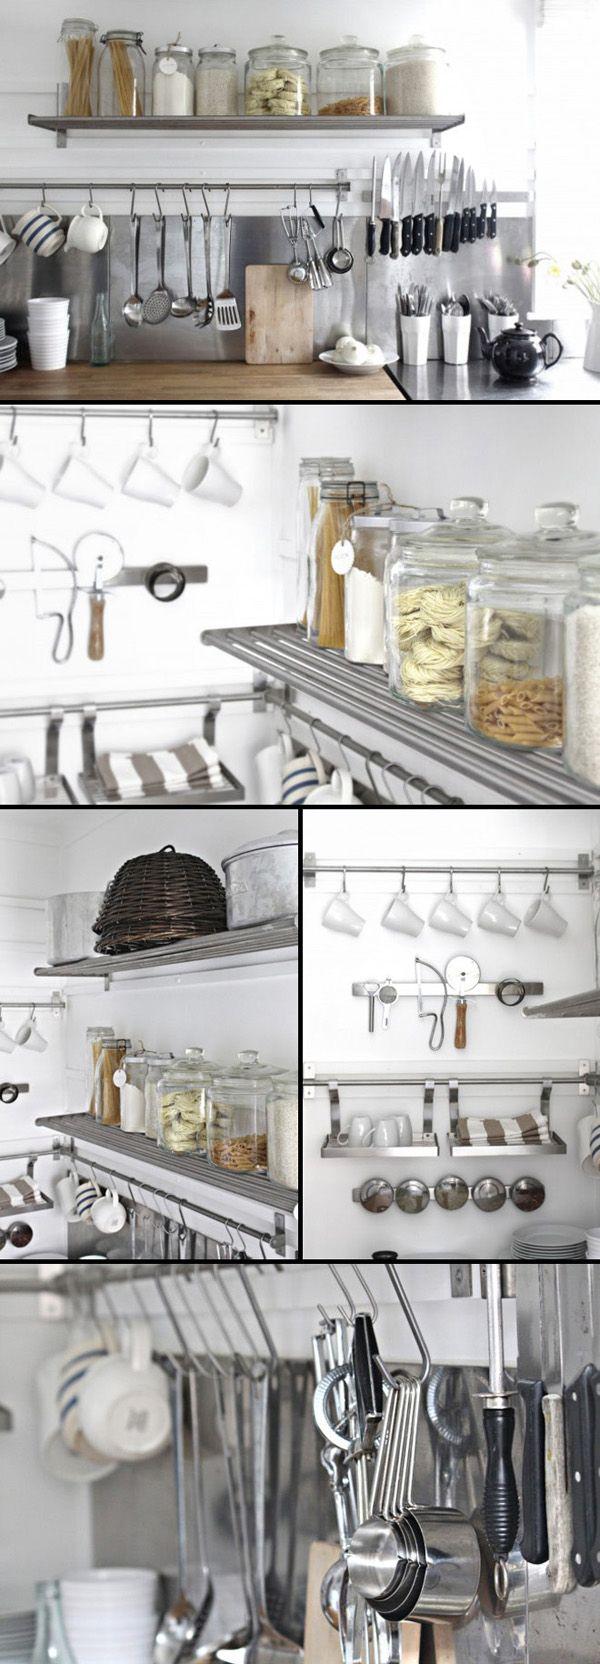 Beach Cottage Kitchen Organization Part I | Kitchens, Organizations ...